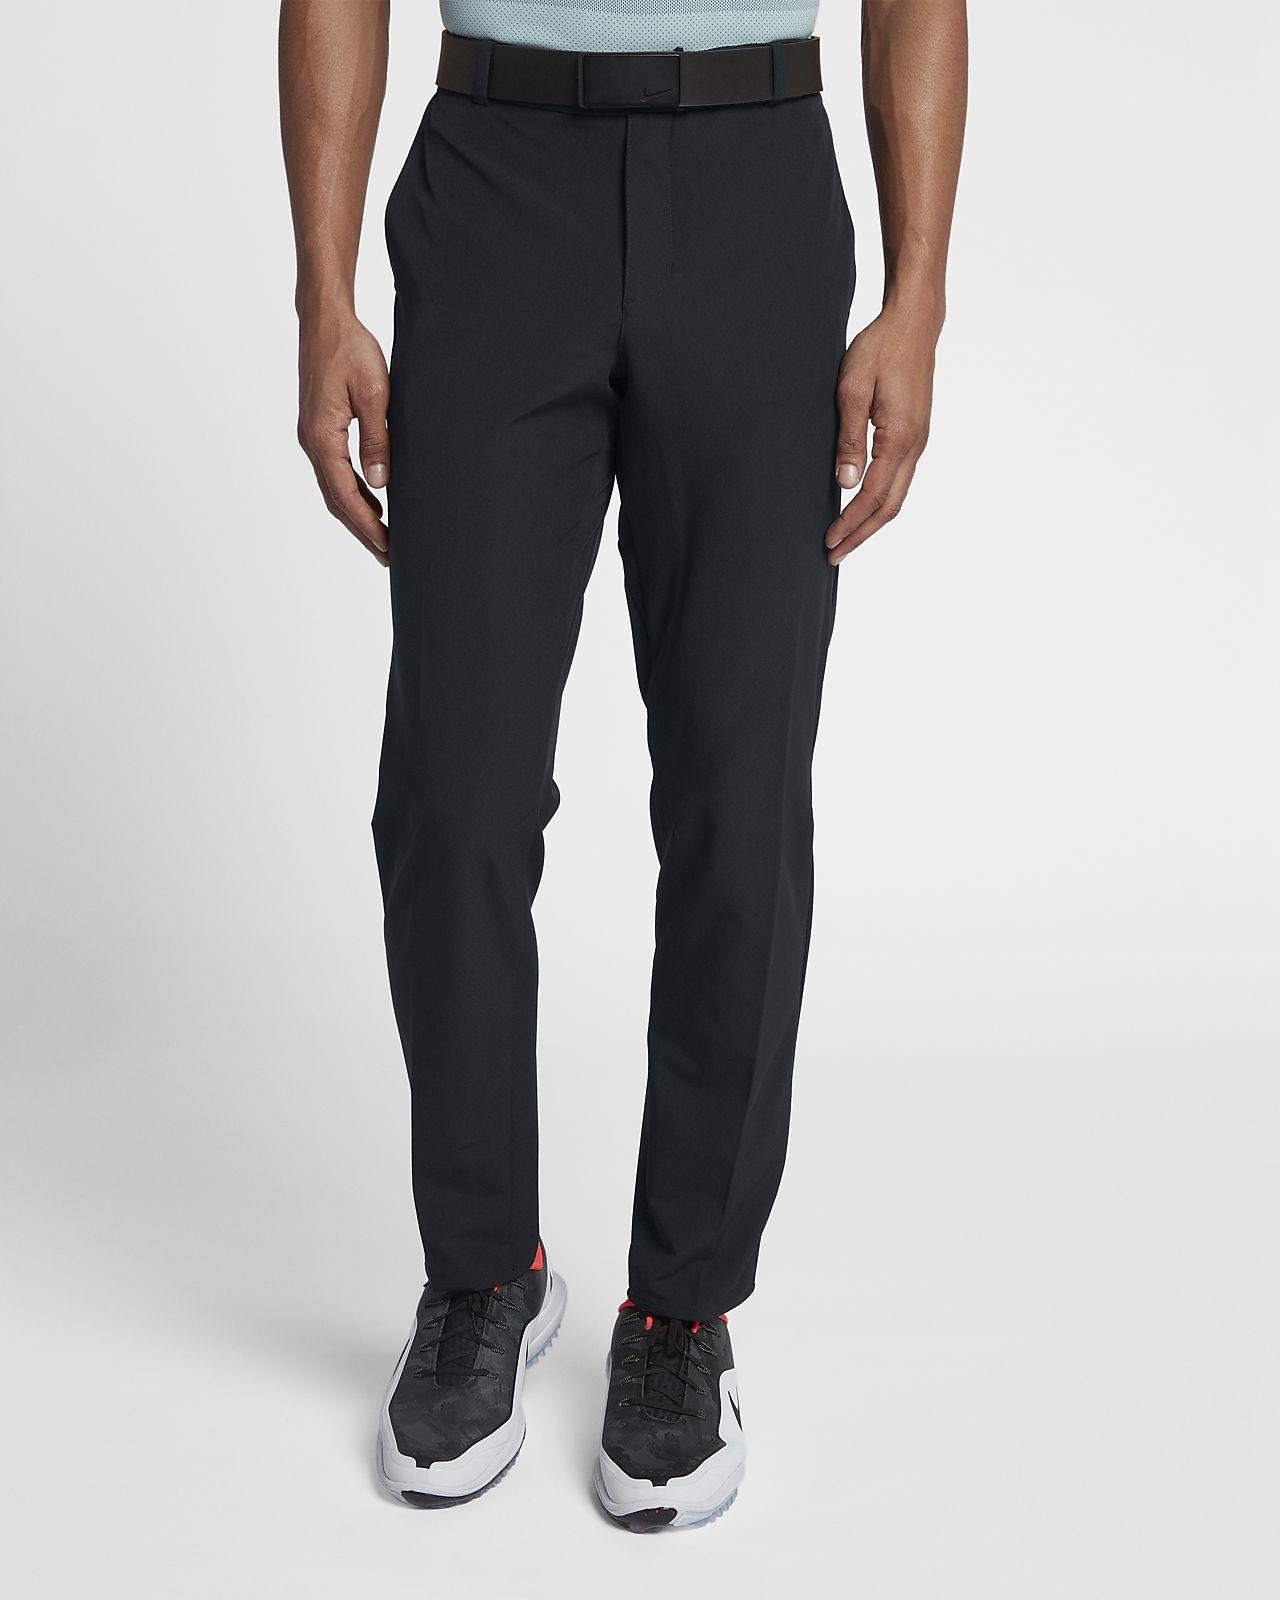 Golfbyxor med slimmad passform Nike Flex för män